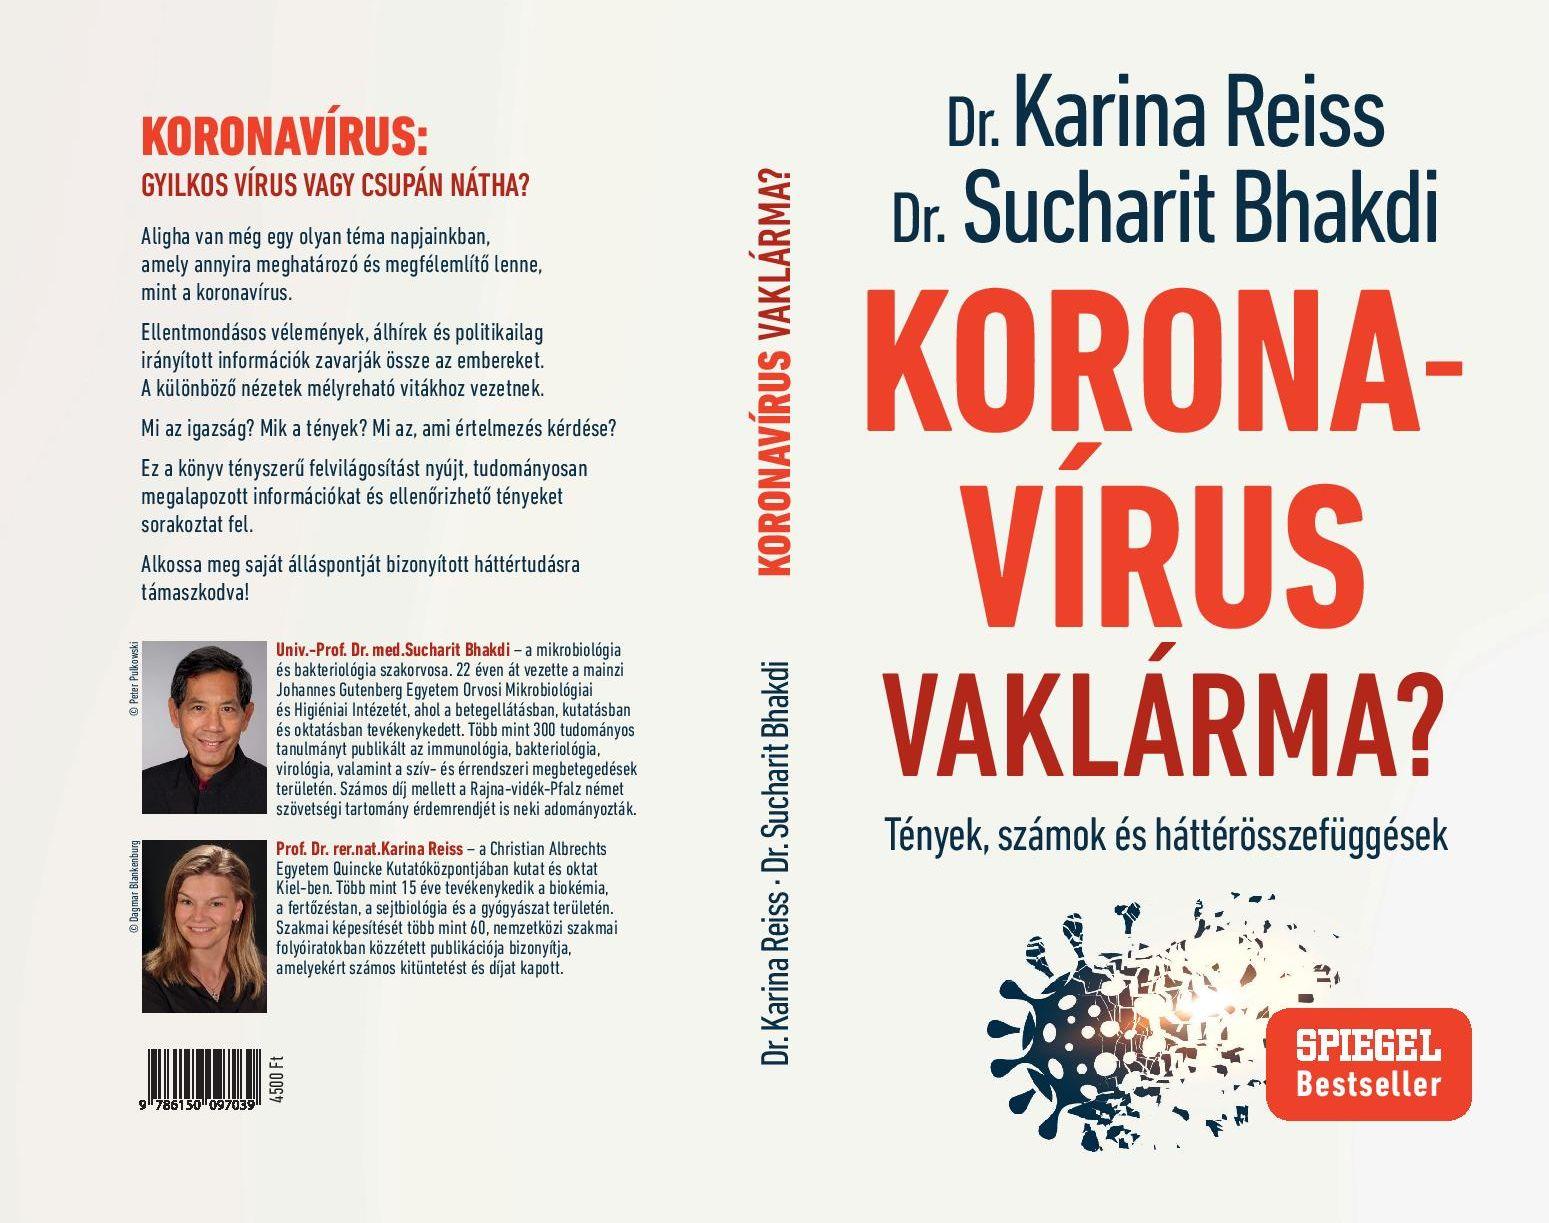 Könyvajánló: Dr. Karina Reiss – Dr. Sucharit Bhakdi – Koronavírus vaklárma?